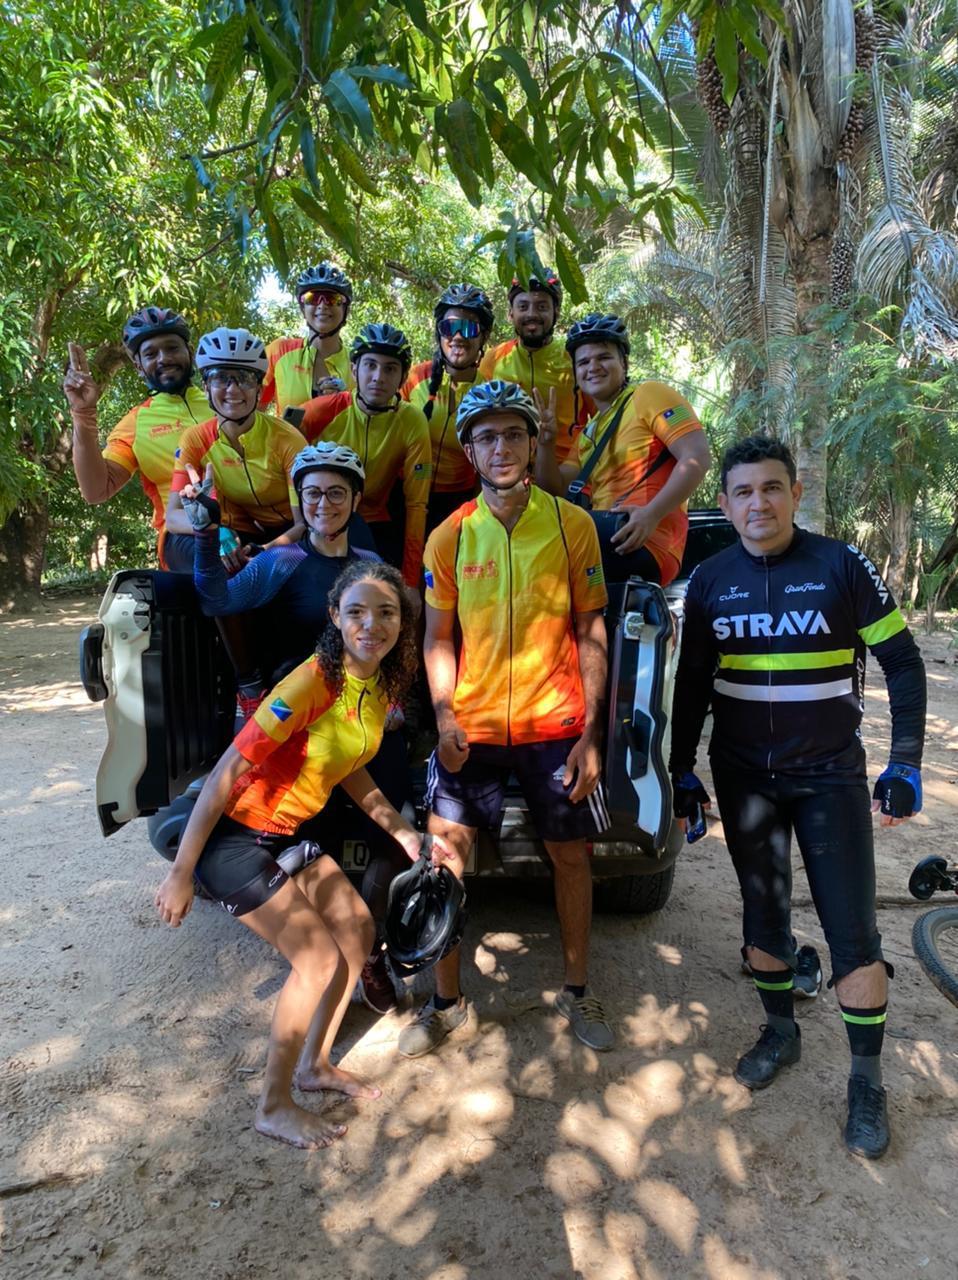 Um domingo sobre Bike em Monsenhor Gil com destino ao Poço Azul - Imagem 10